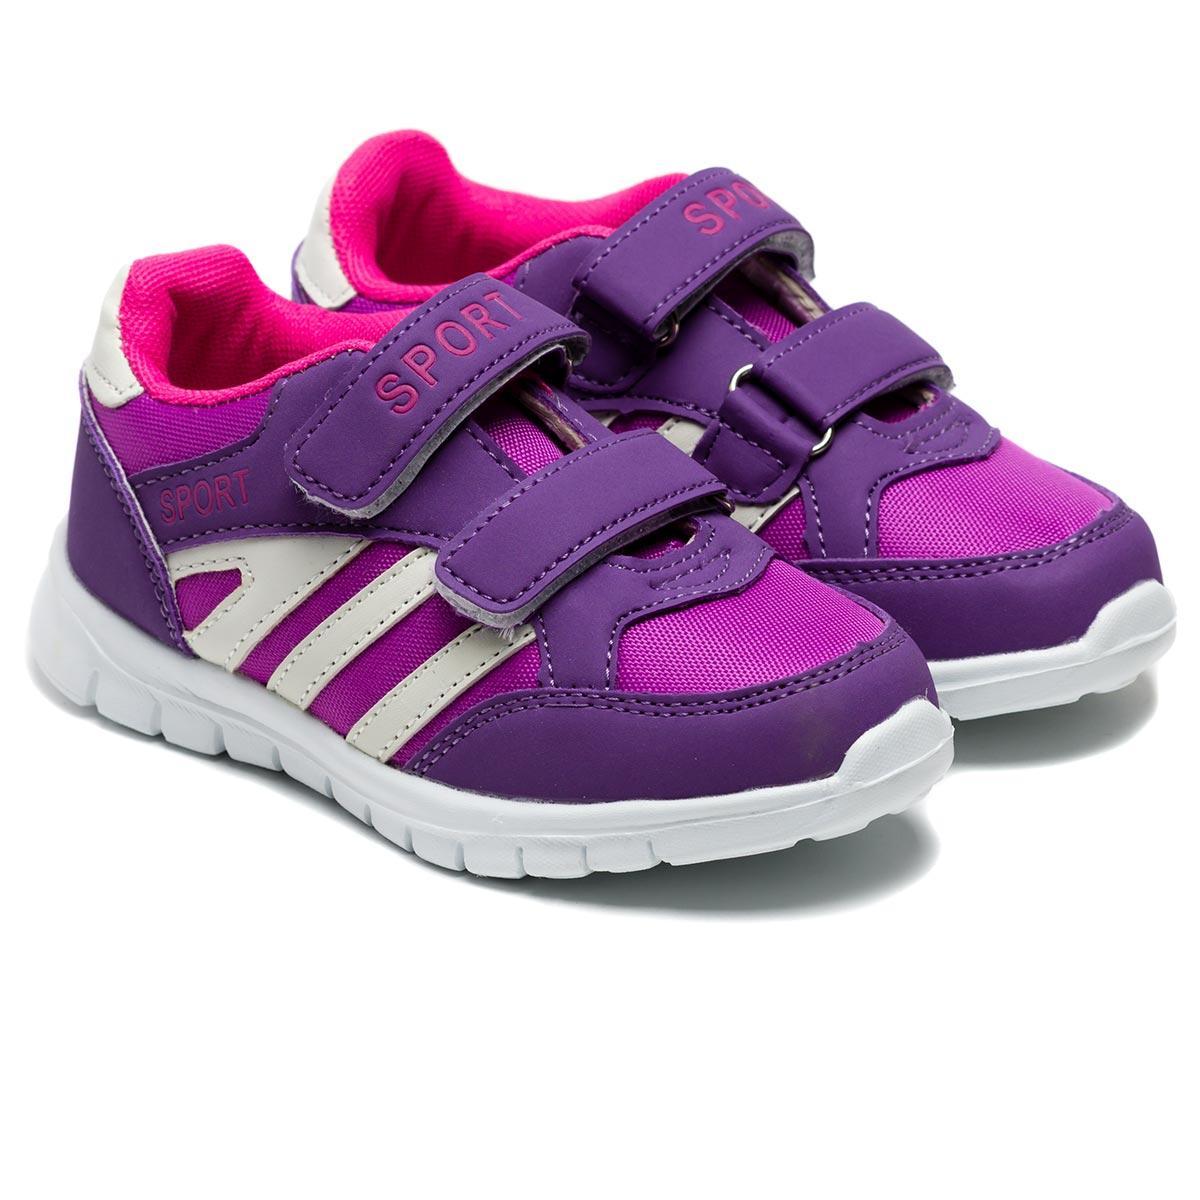 Спортивные кроссовки Солнце для девочек, размер 27-31